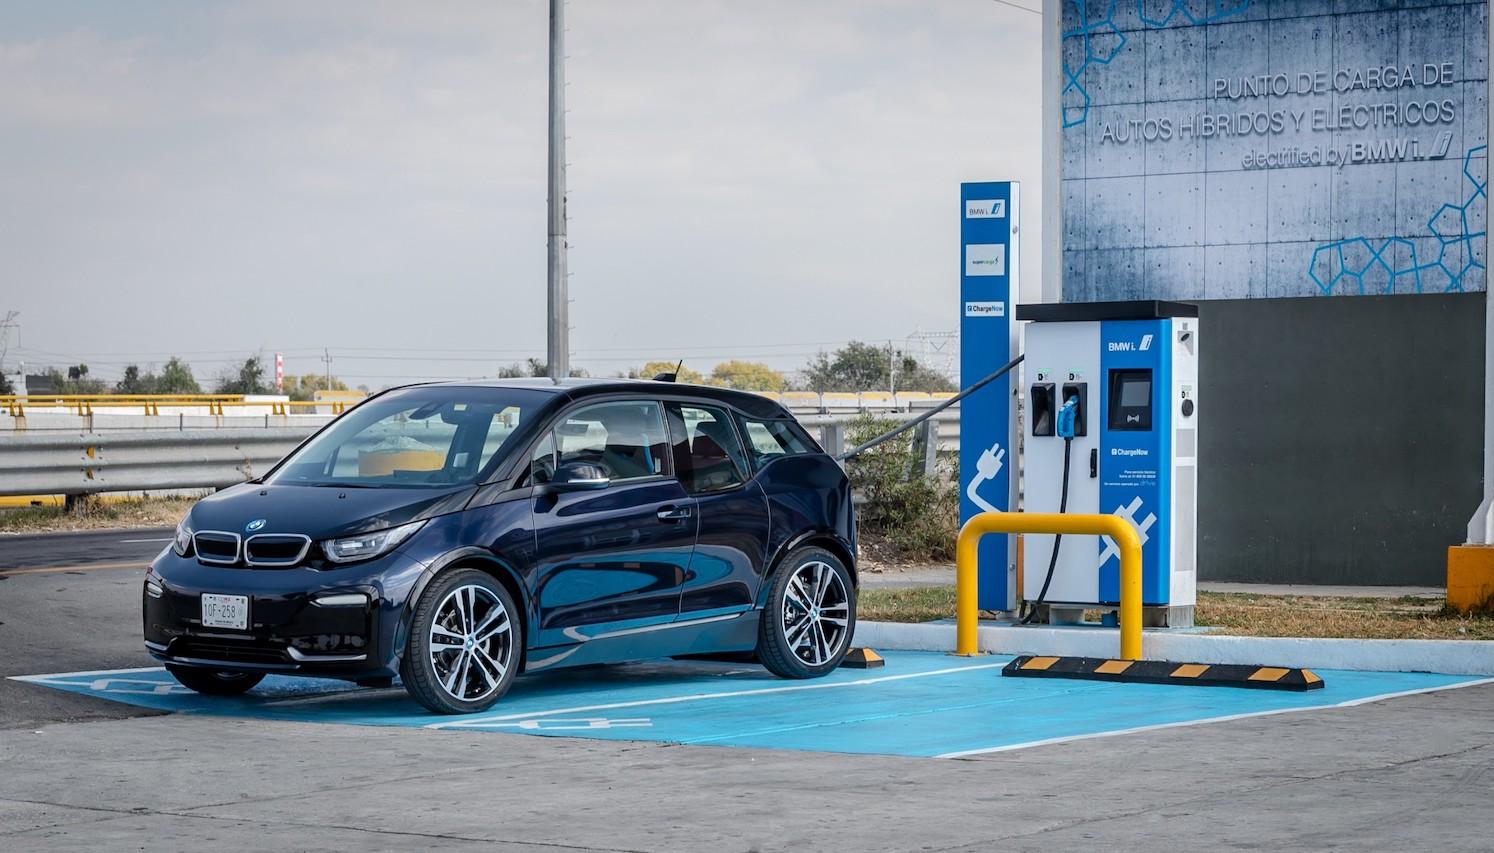 Cómo localizar las estaciones de carga para vehículos eléctricos